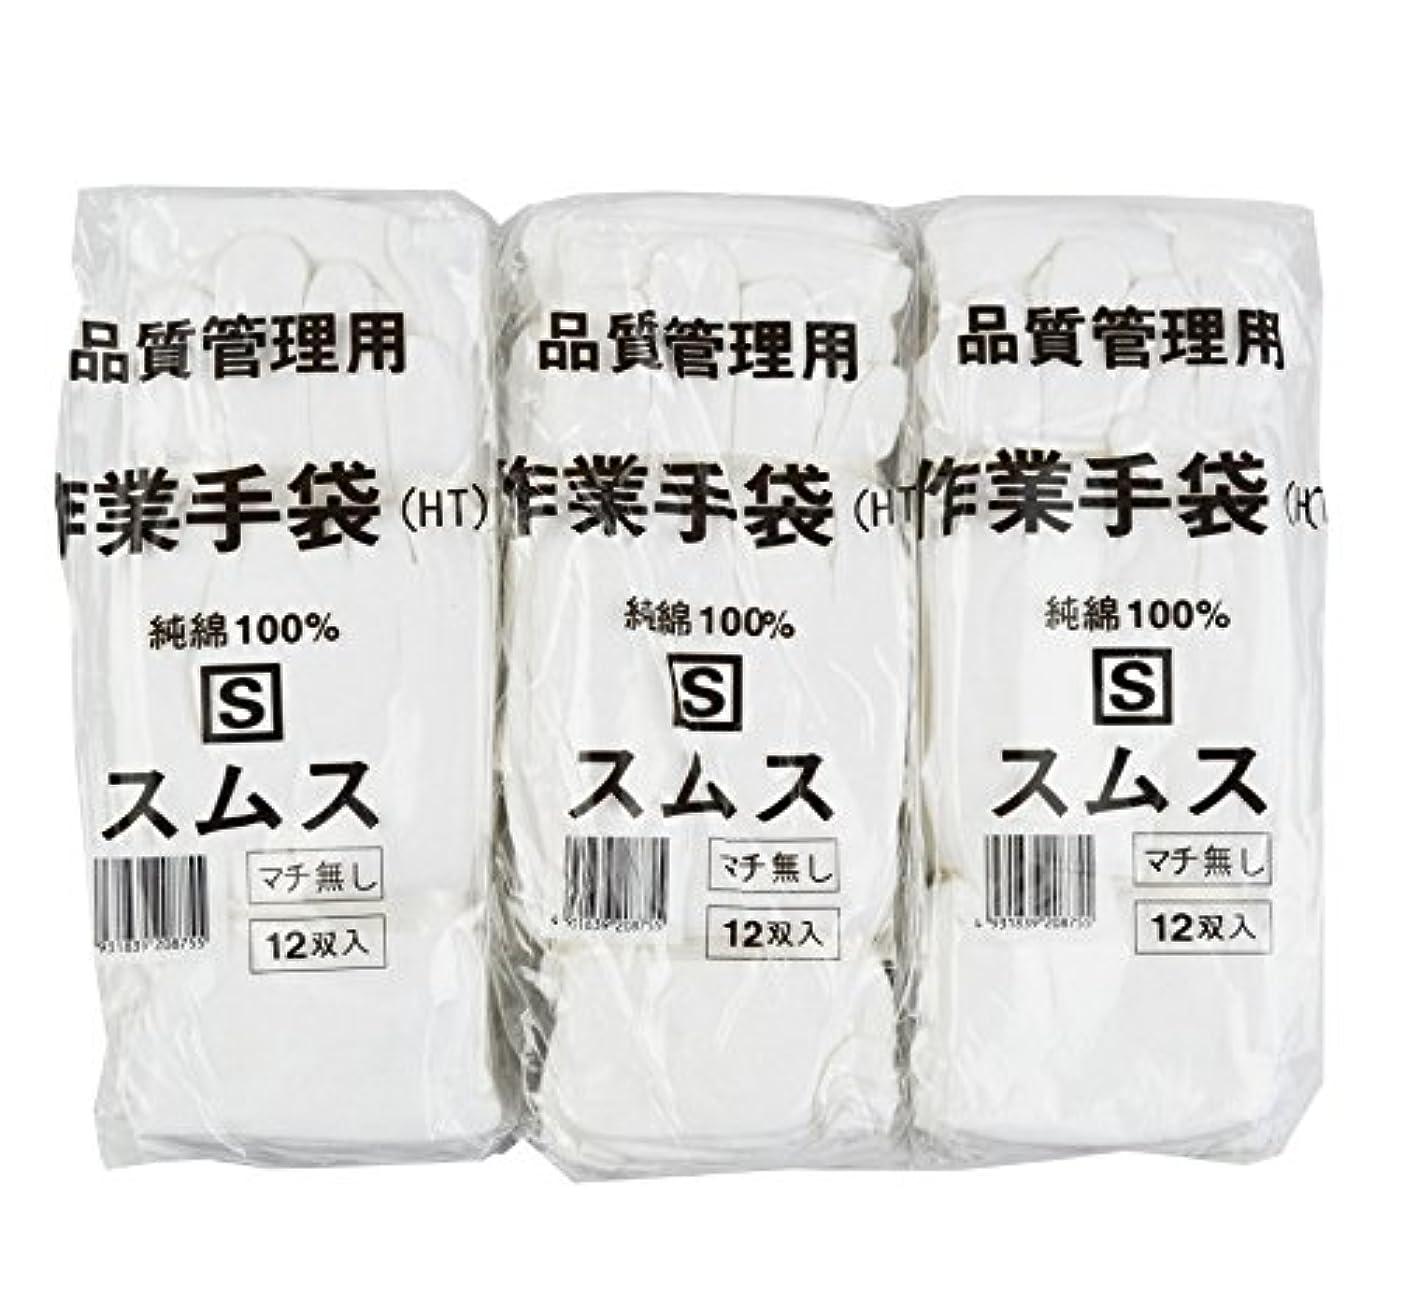 赤面贈り物セーブ【お得なセット売り】 (36双) 純綿100% スムス 手袋 Sサイズ 12双×3袋セット 女性に最適 多用途 101114